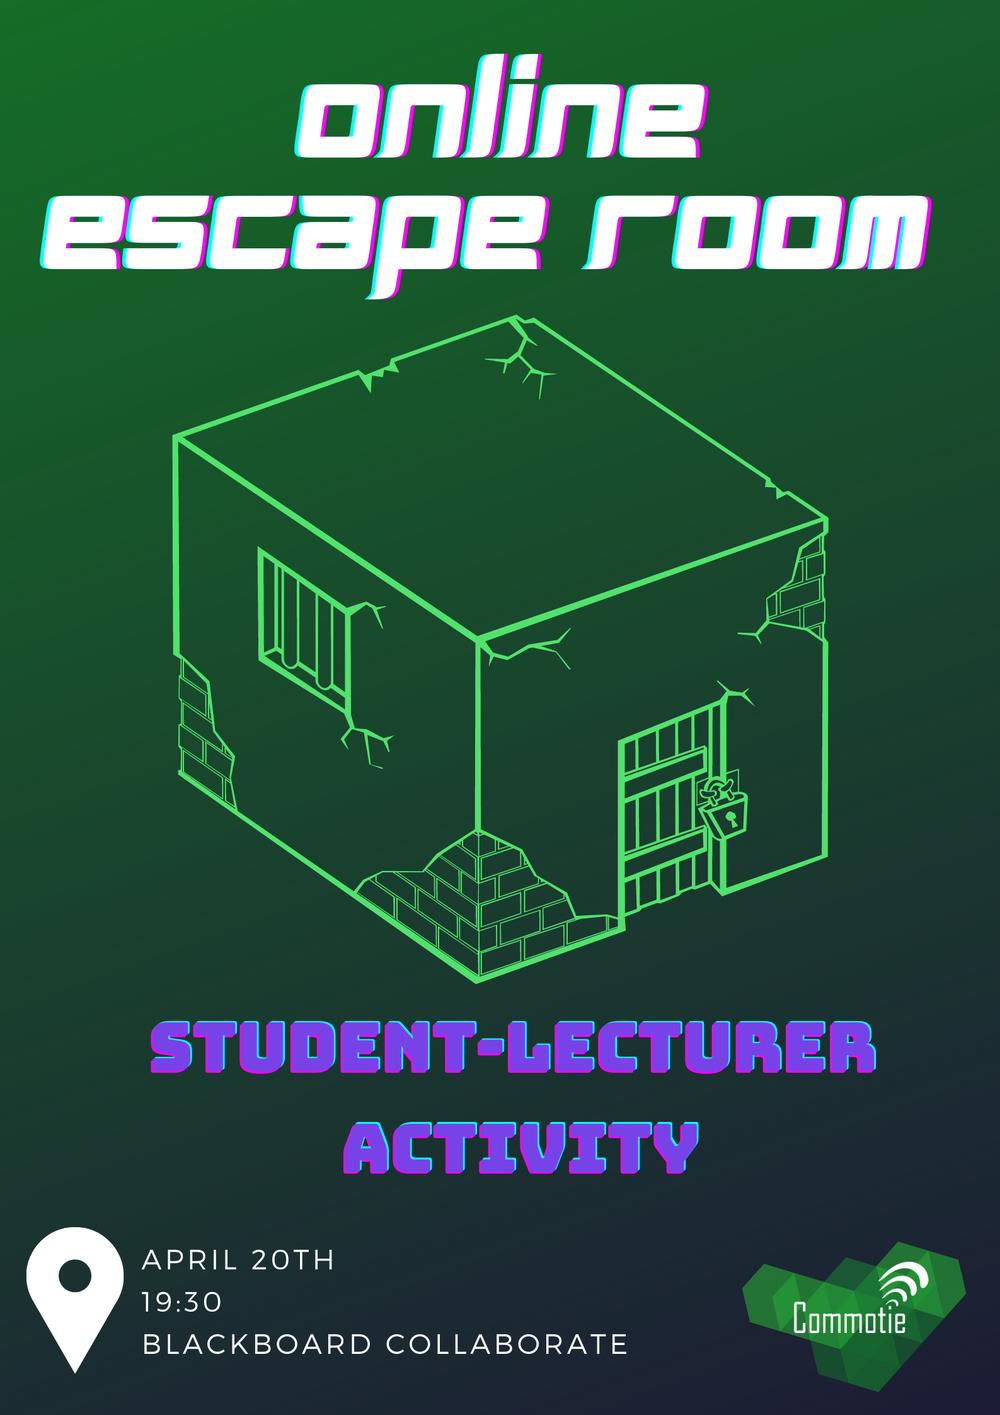 Student-Lecturer Activity: Online Escape Room